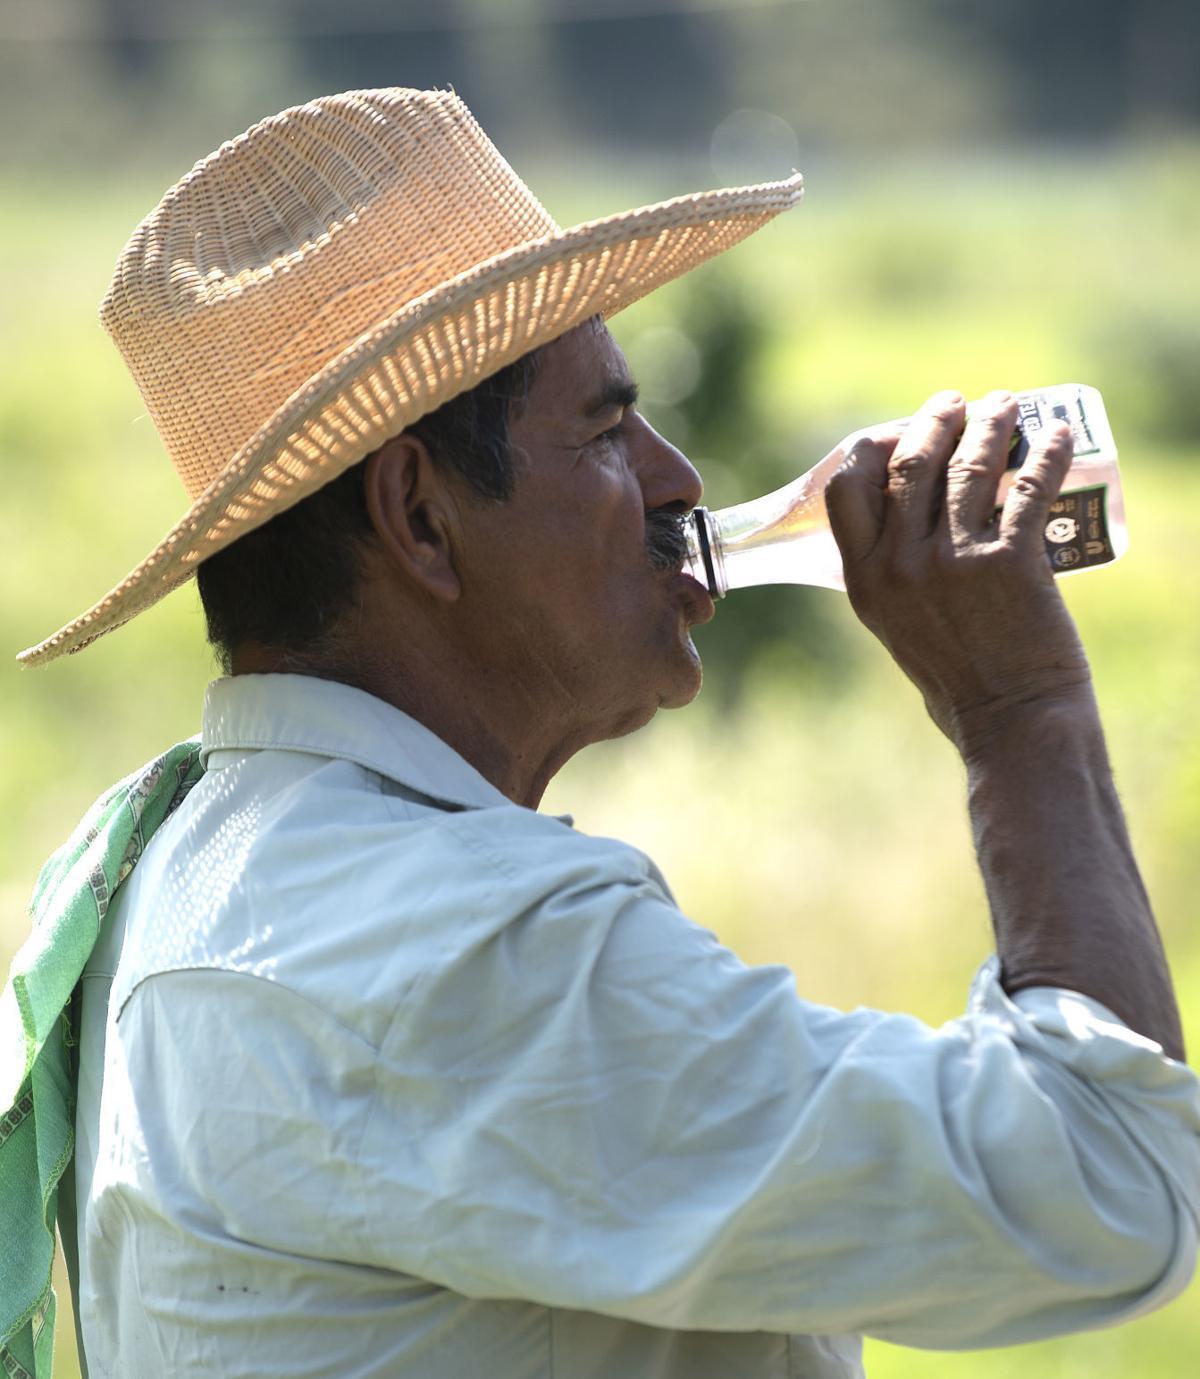 Farmers work in the heat 1